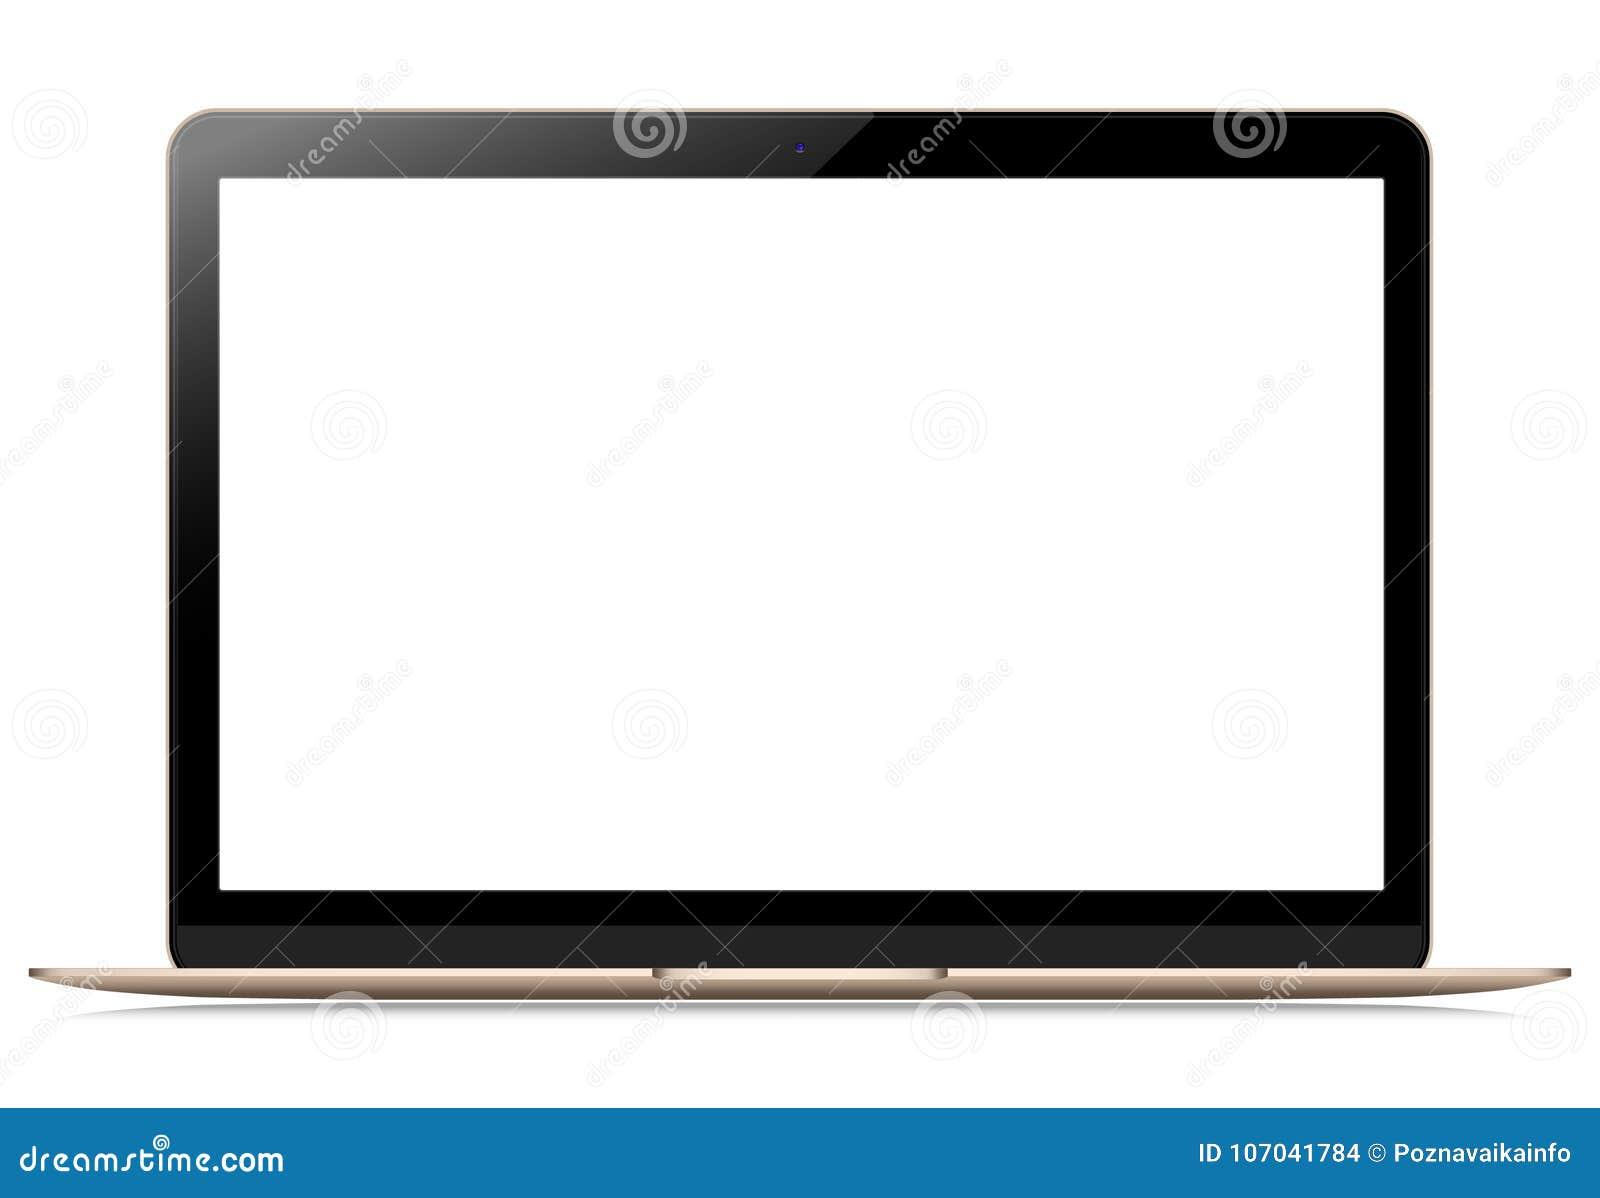 Laptop mit leerem Bildschirm auf lokalisiertem weißem Hintergrund, Ihr Anwendungsdesign vorlegen